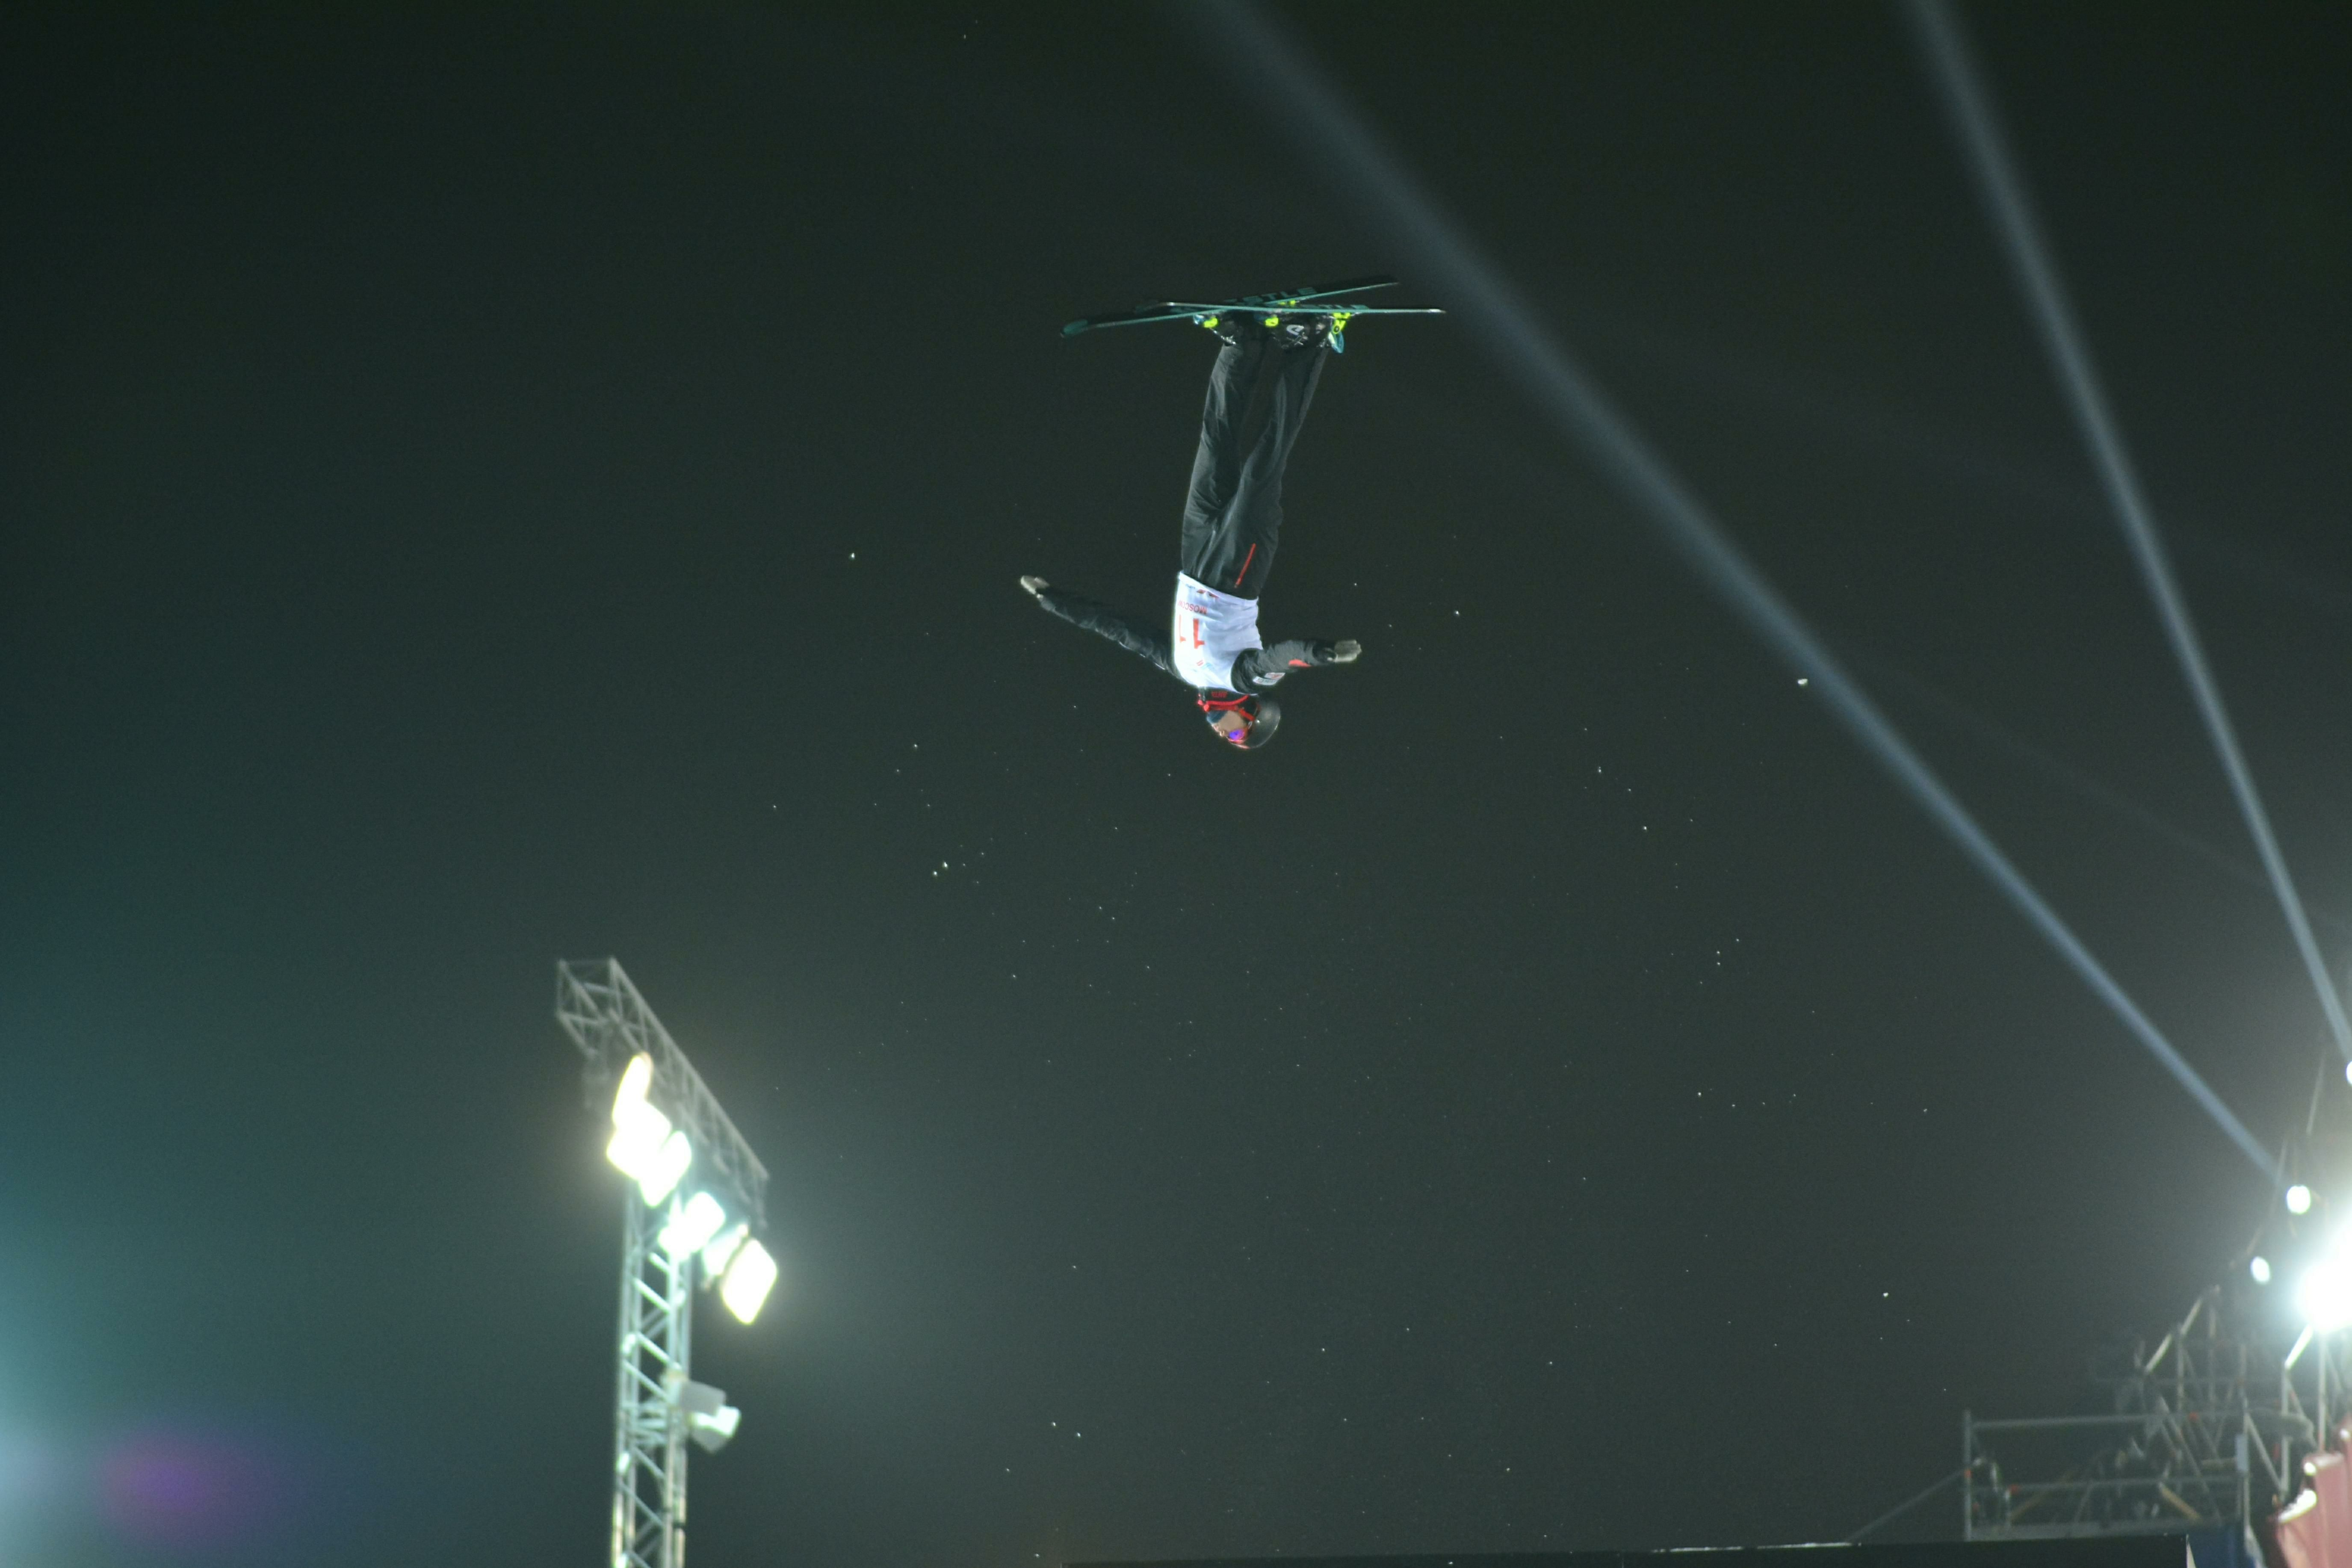 Российский фристайлист Буров стал двукратным чемпионом мира в акробатике